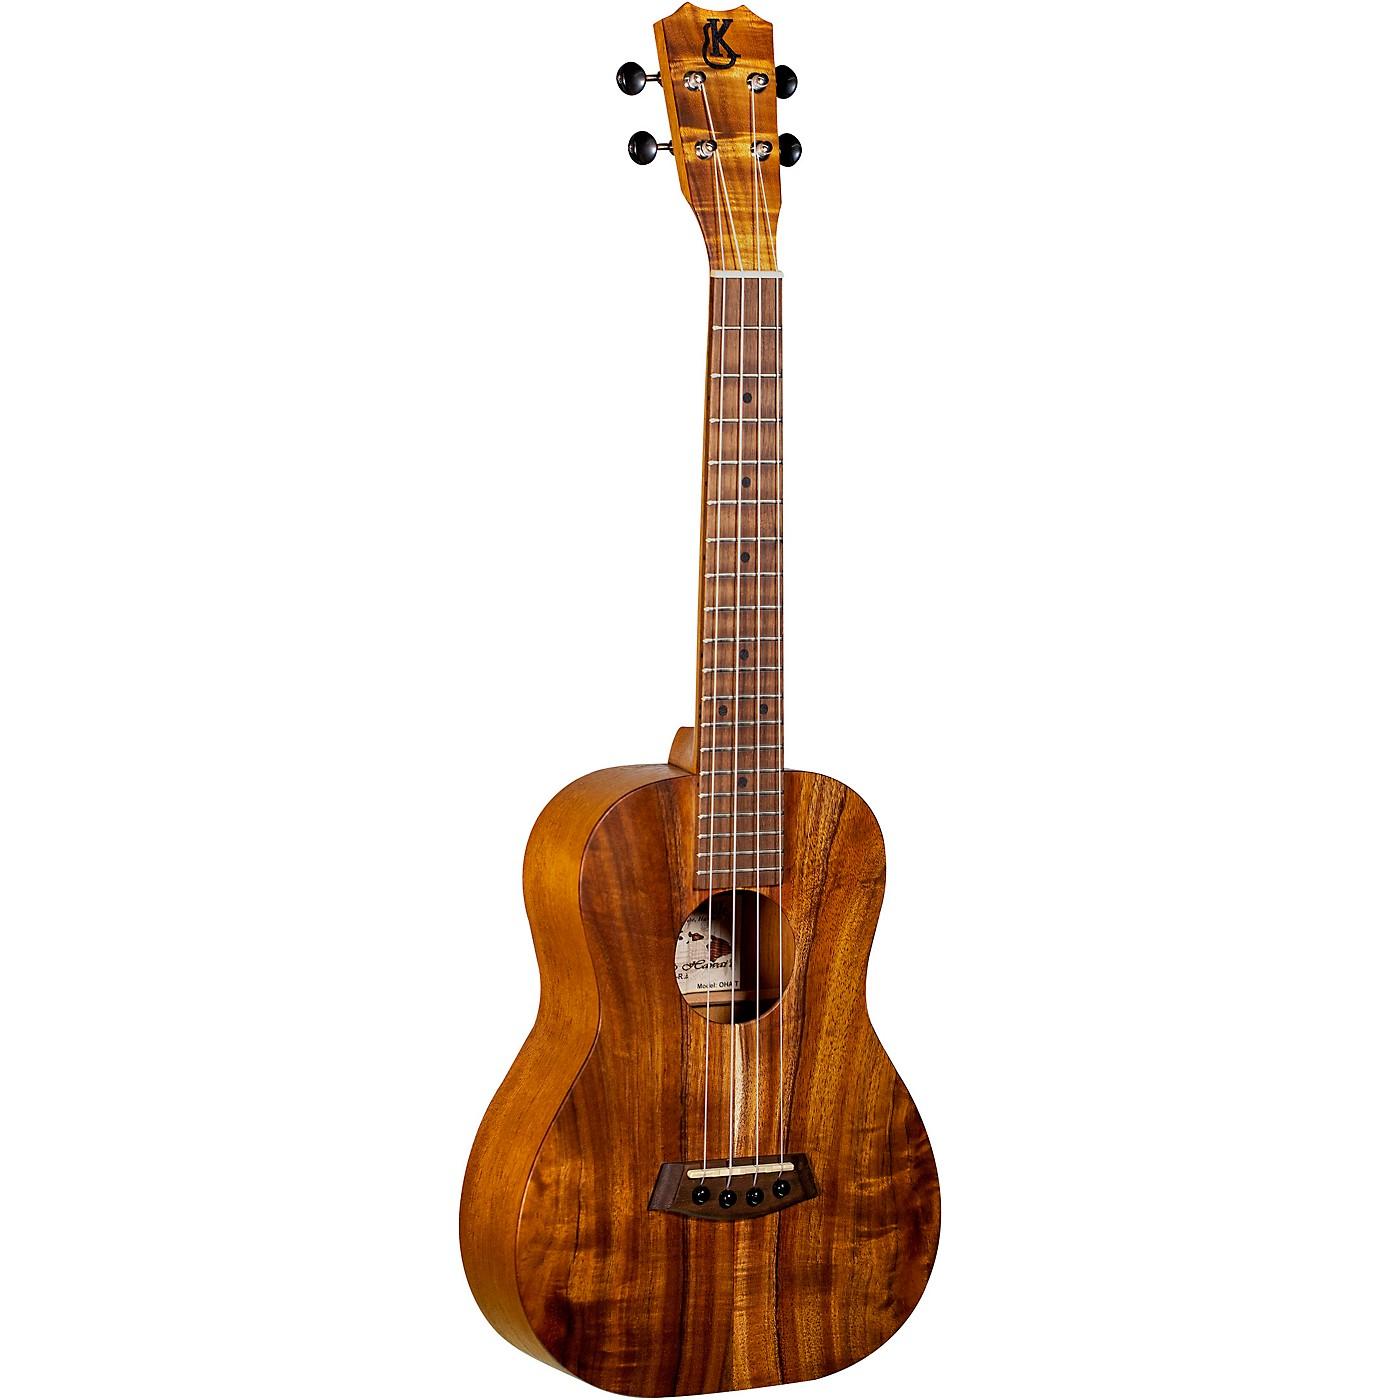 Kanile'a Ukulele Oha Tenor Acoustic-Electric Ukulele thumbnail